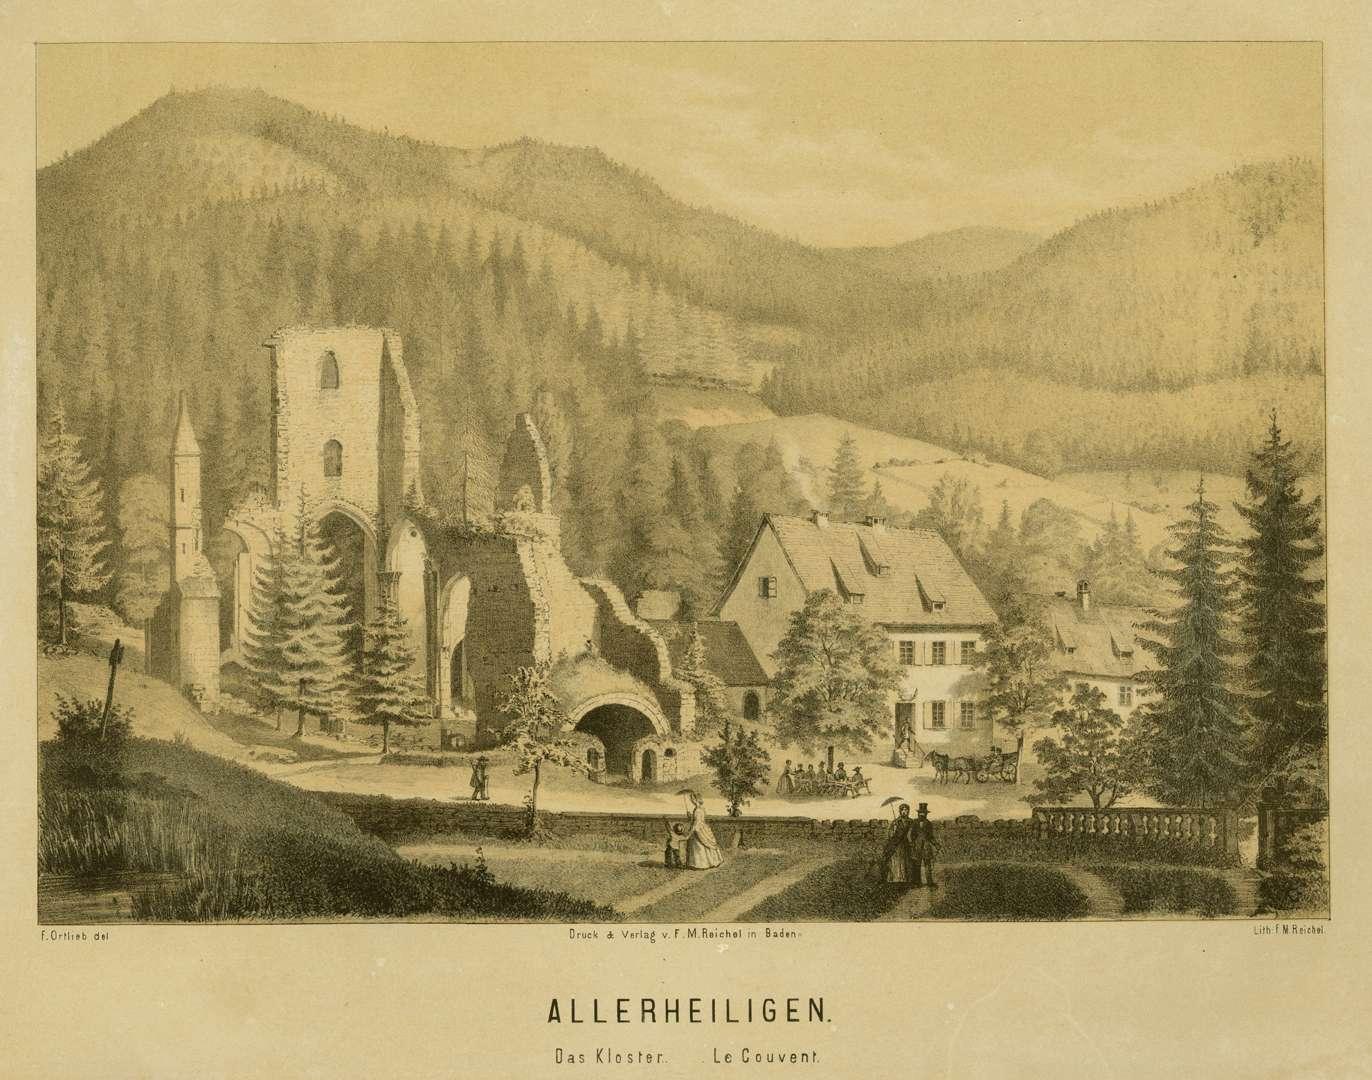 Allerheiligen, Das Kloster, Le Couvent, Bild 1